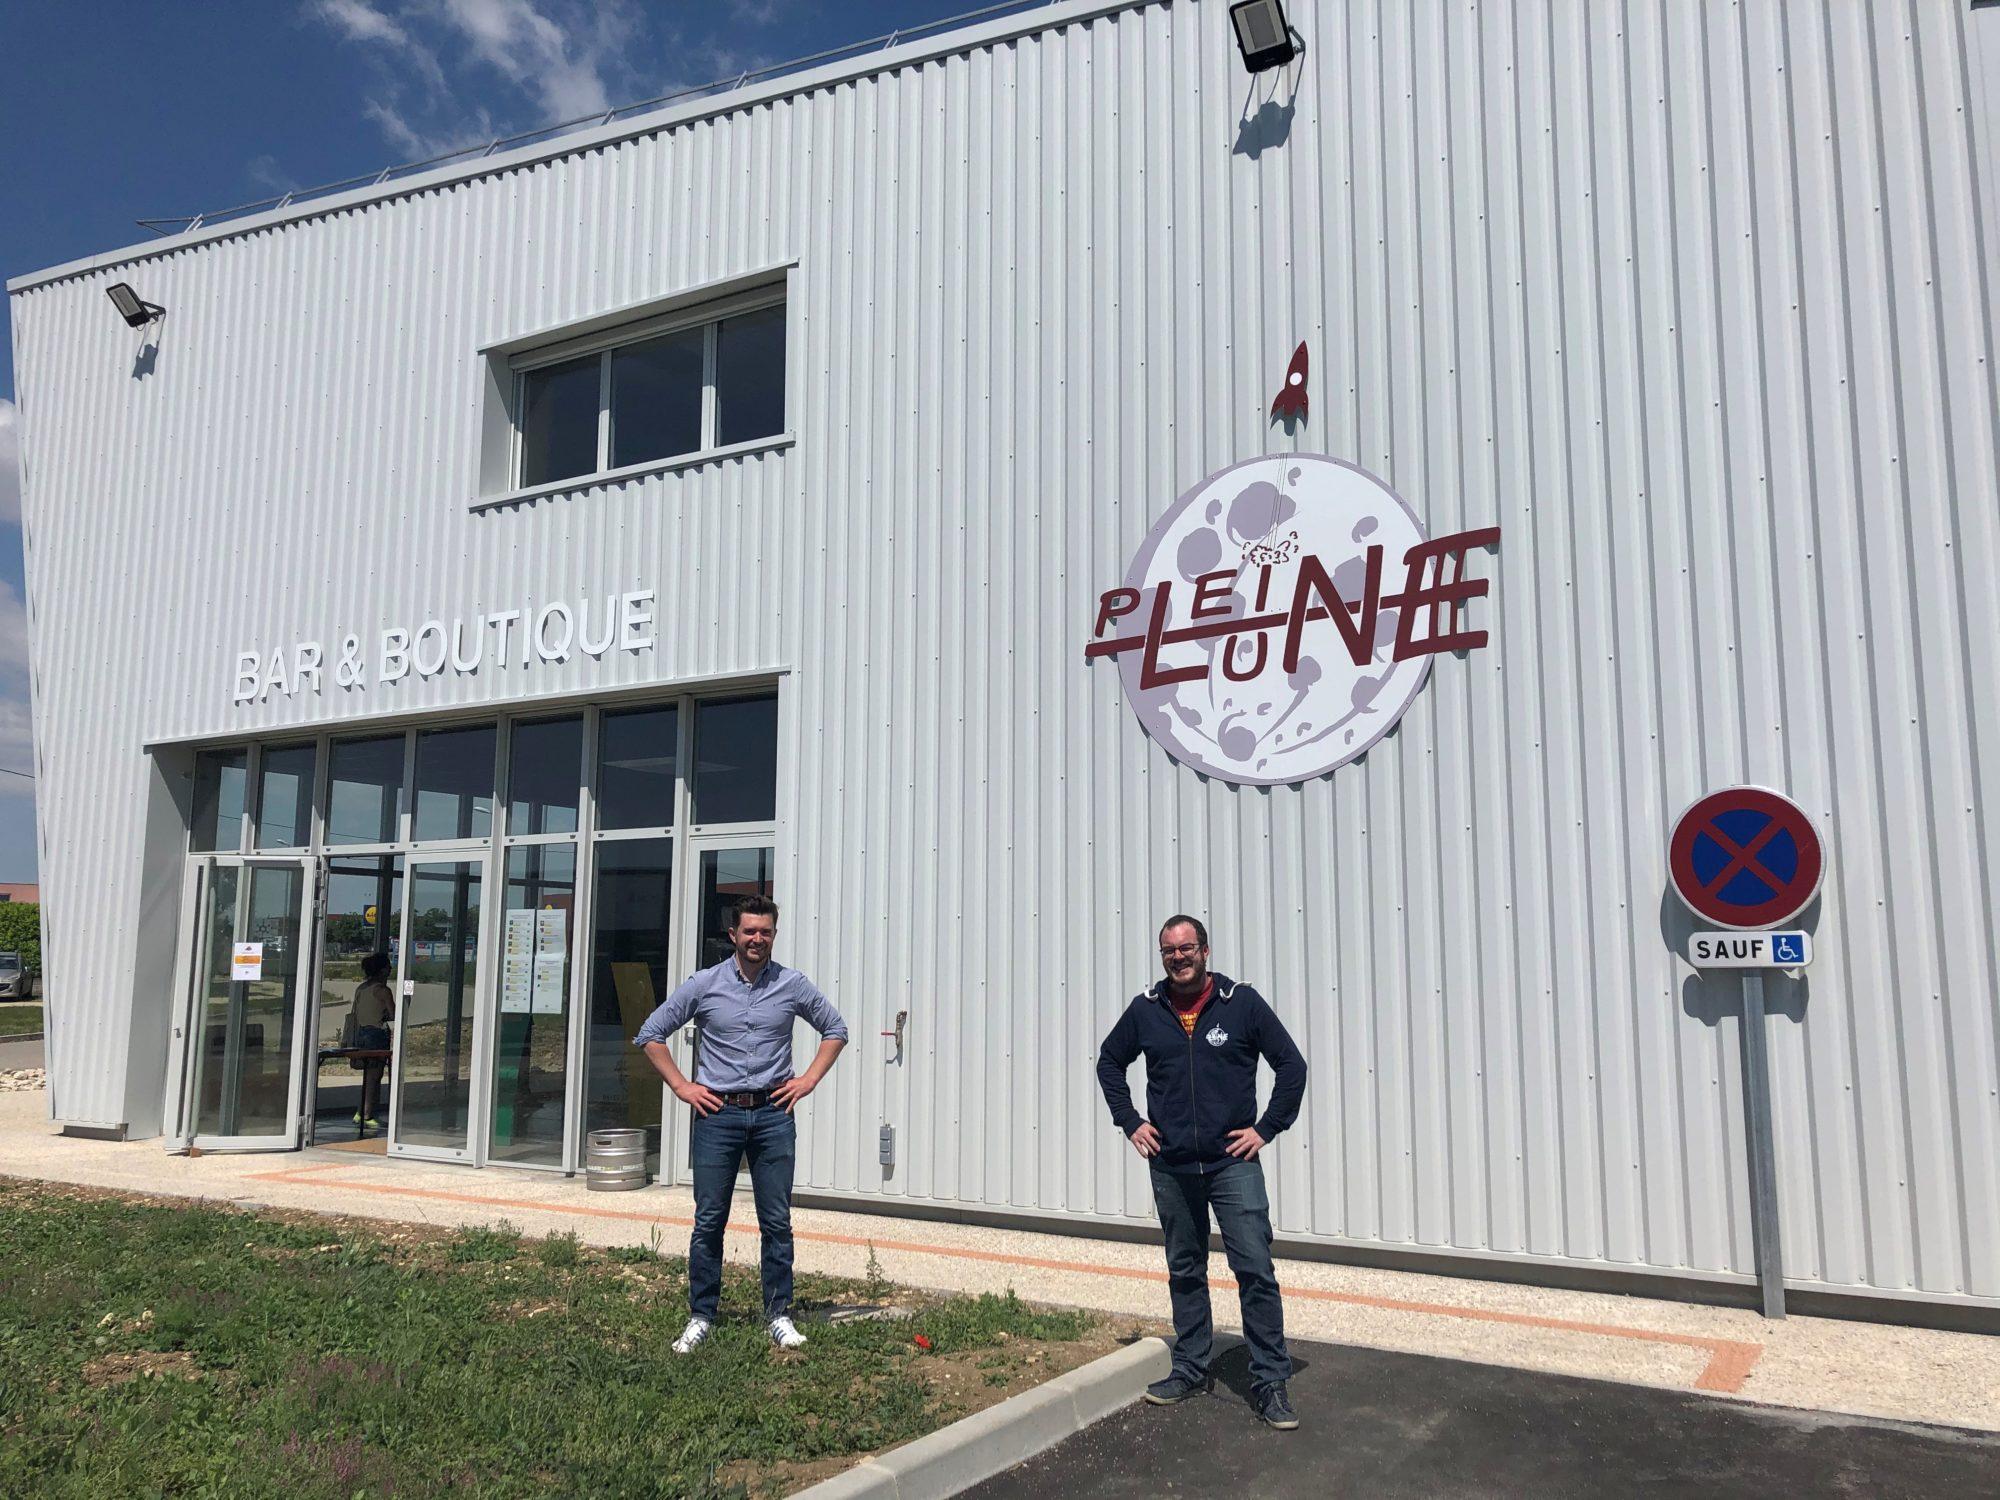 Brasserie de la pleine lune - Chabeuil- Icare Développement - Contractant général